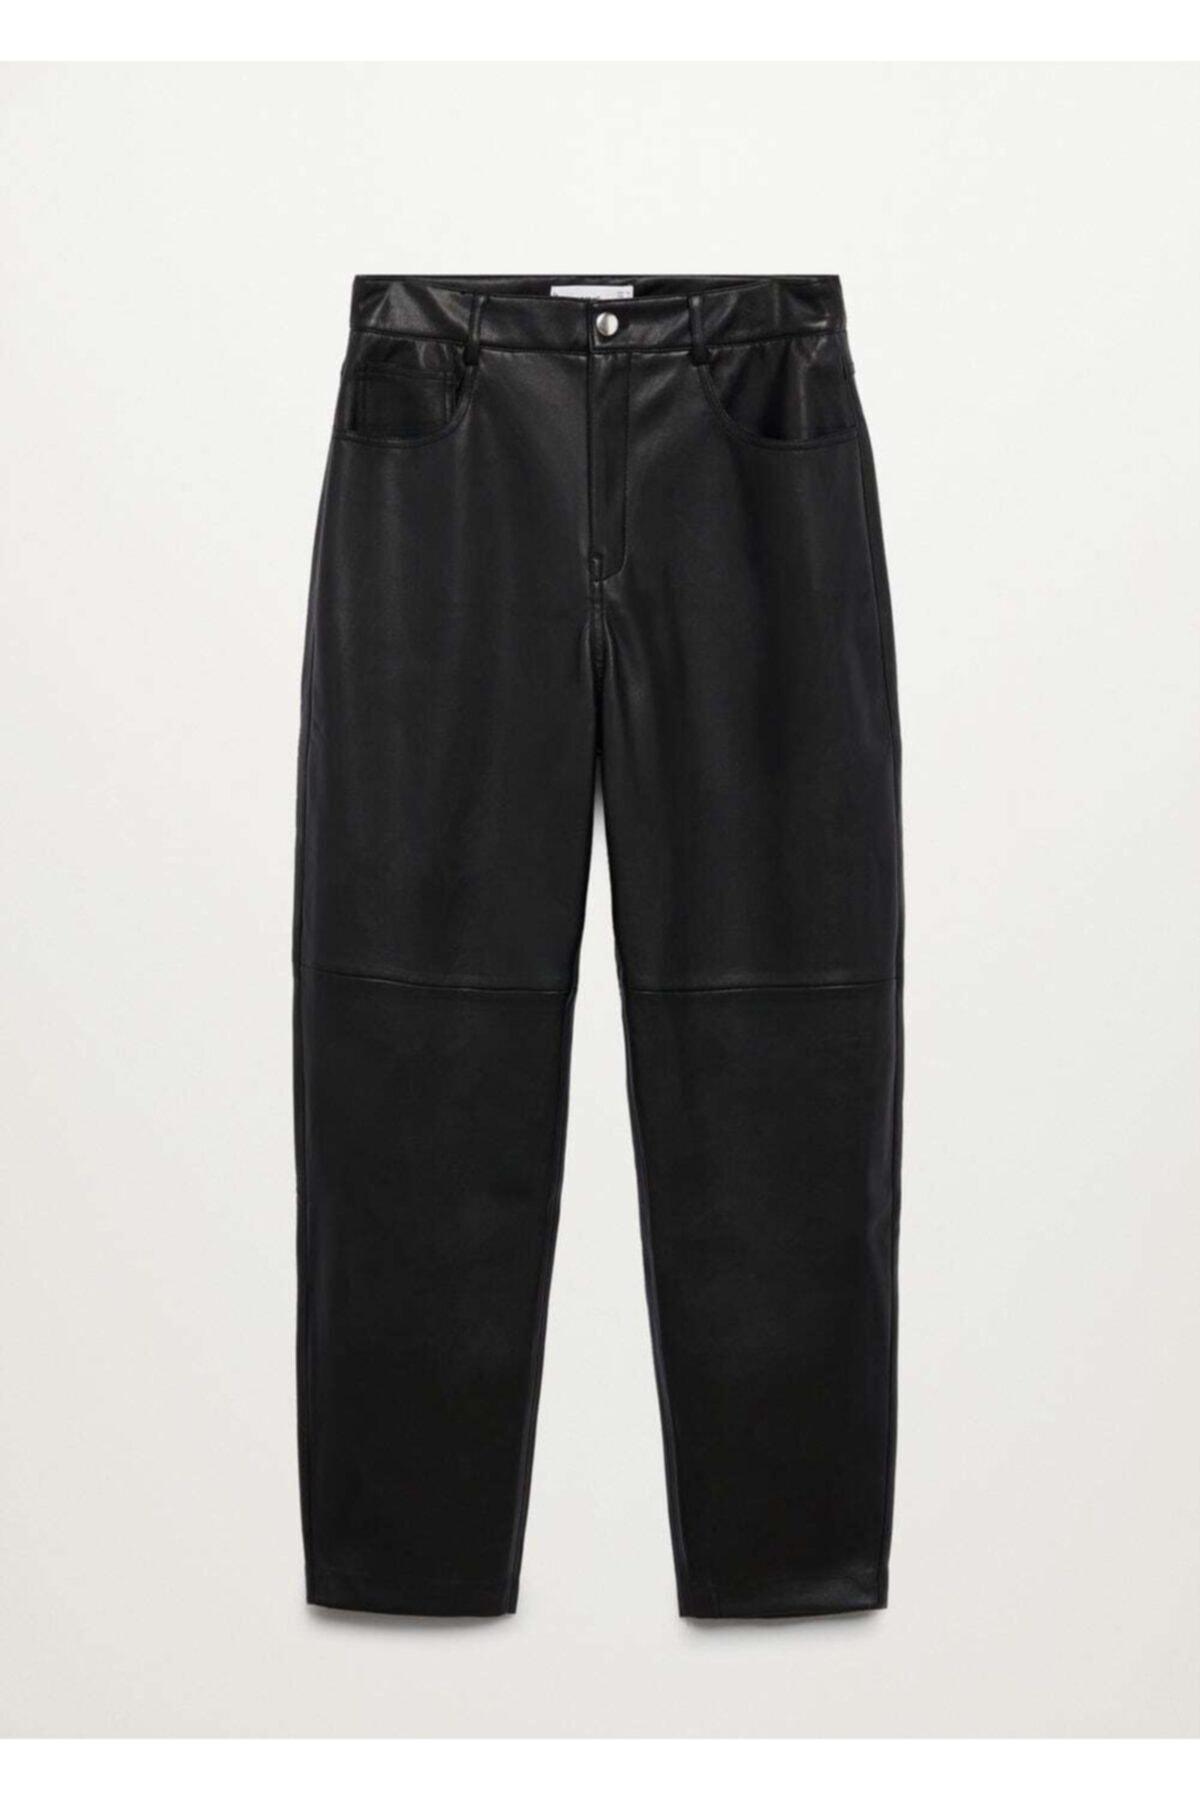 MANGO Woman Kadın Siyah Pantolon 1